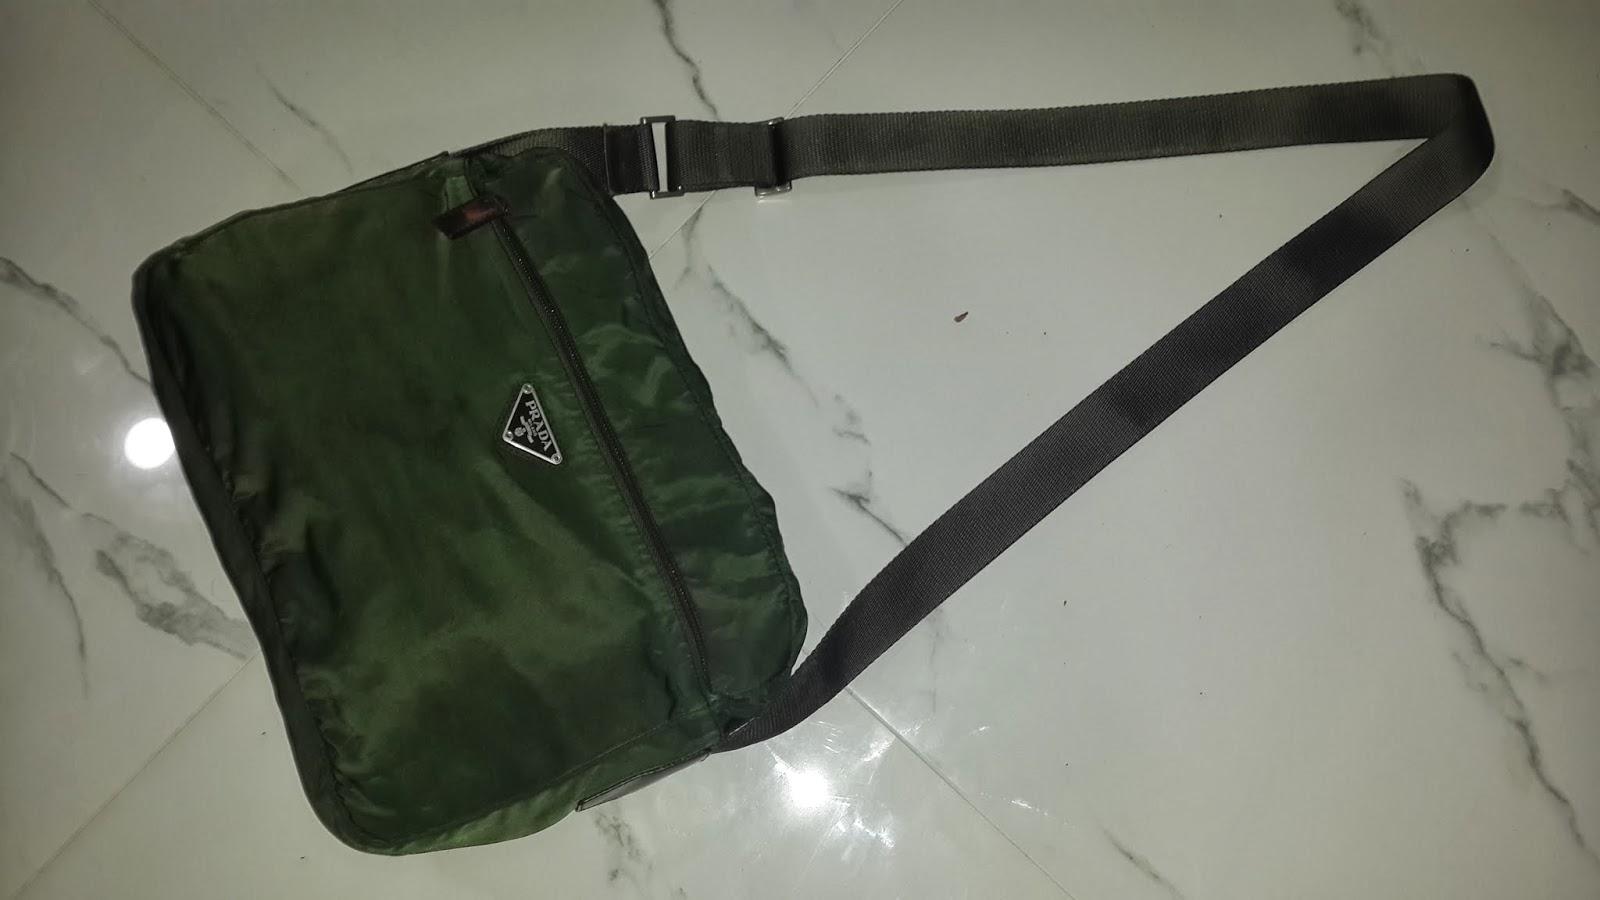 ef3ab8ccfe01 pArT tiMe bUnDLe: Authentic Vintage Prada Green Nylon Messenger/Sling Bag  (SOLD)